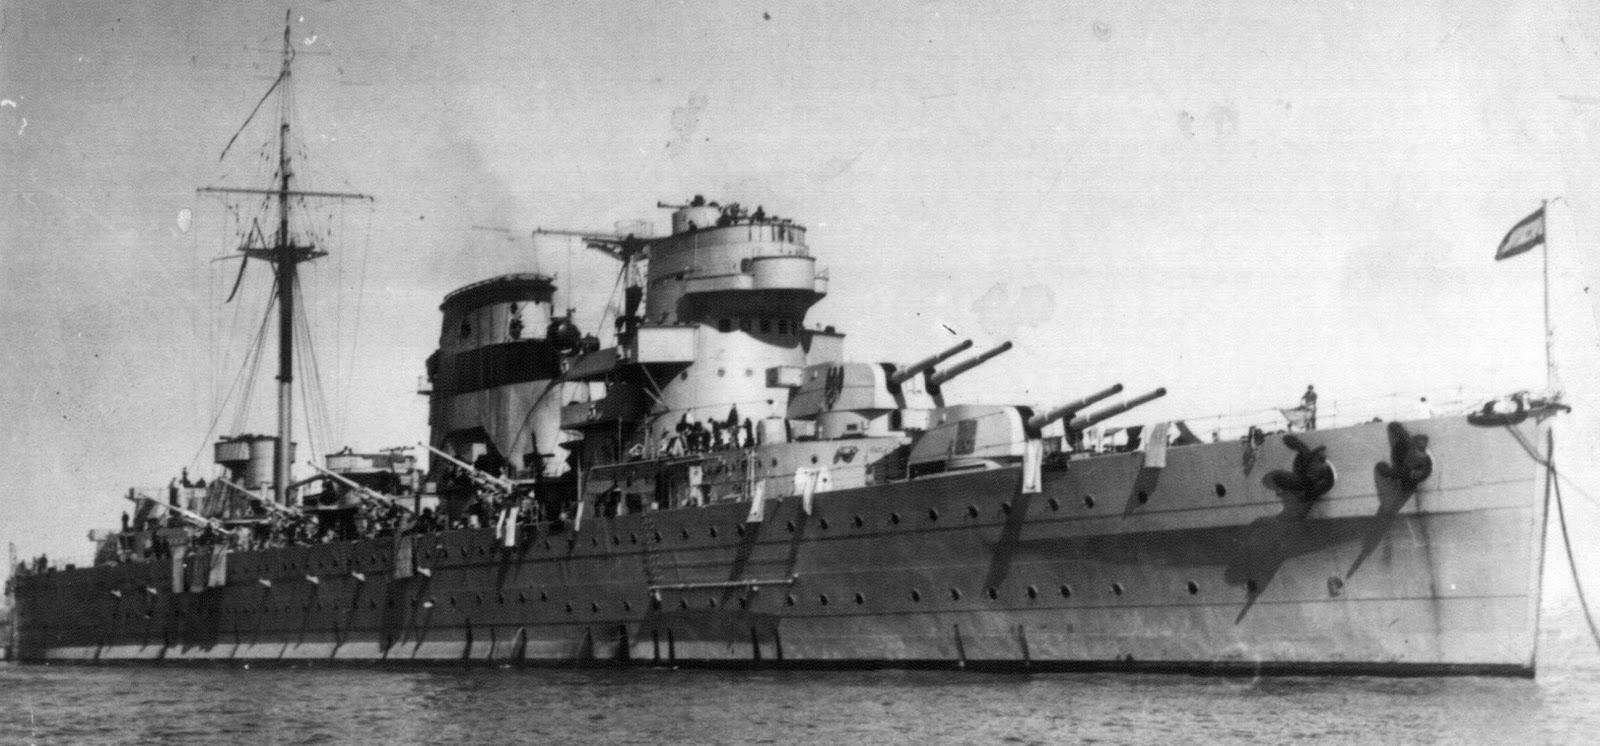 El legendario crucero Canarias (C-21) | laststandonzombieisland